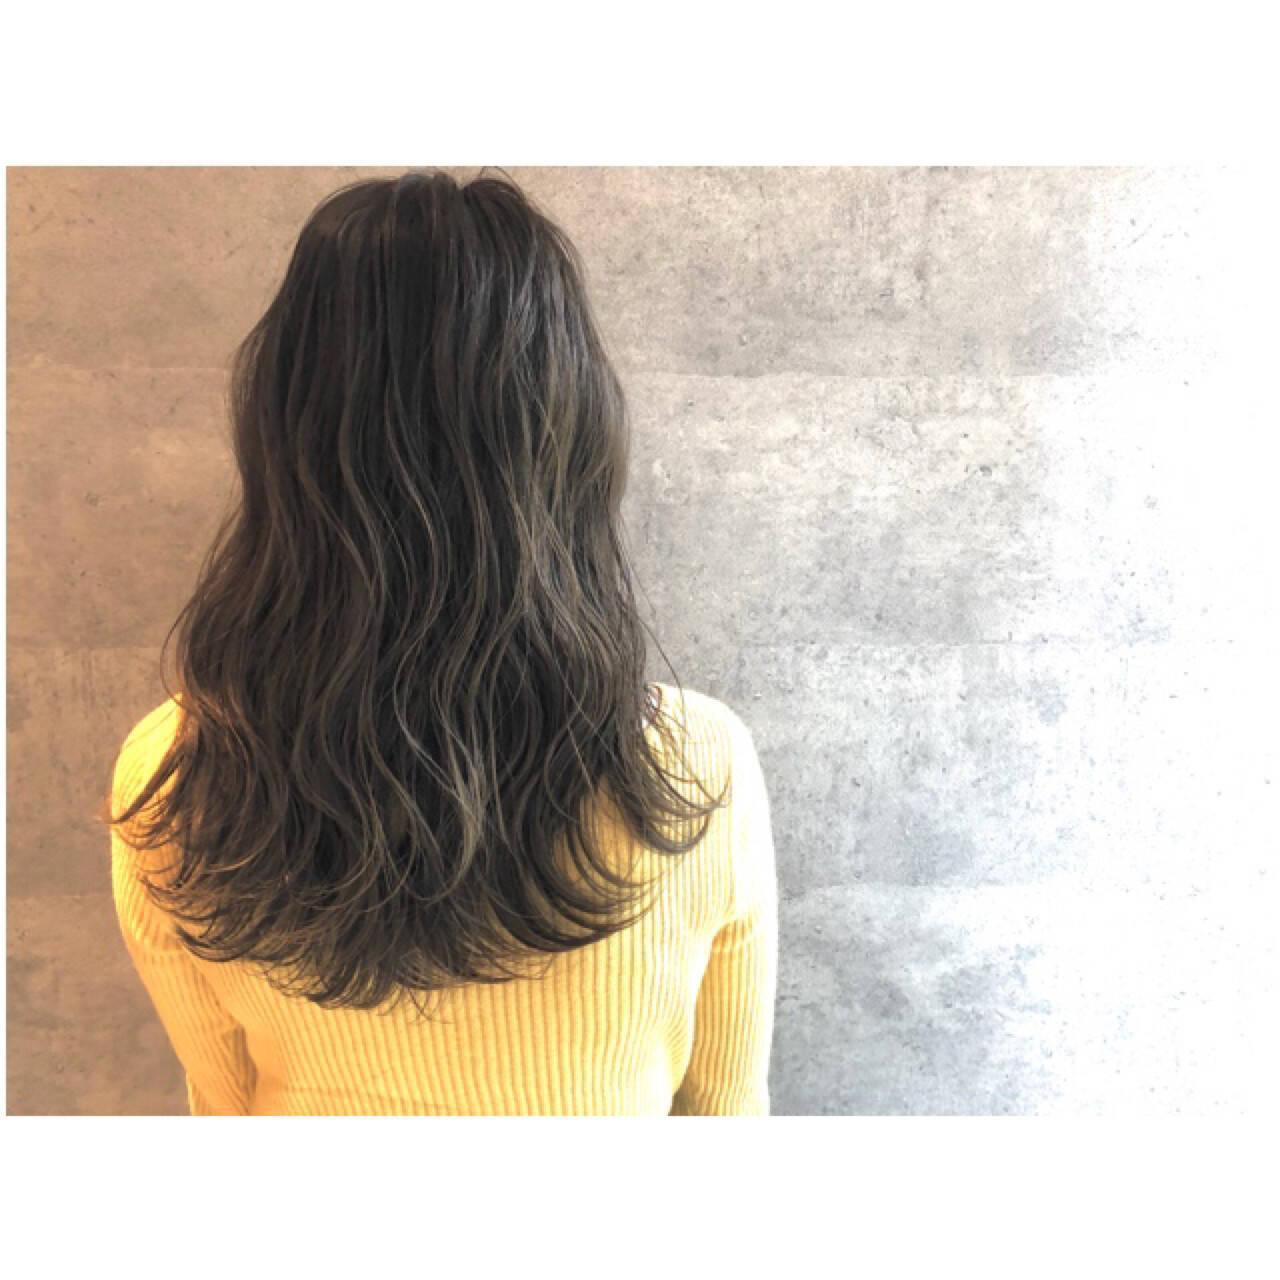 ナチュラル ロング 大人女子 3Dカラーヘアスタイルや髪型の写真・画像